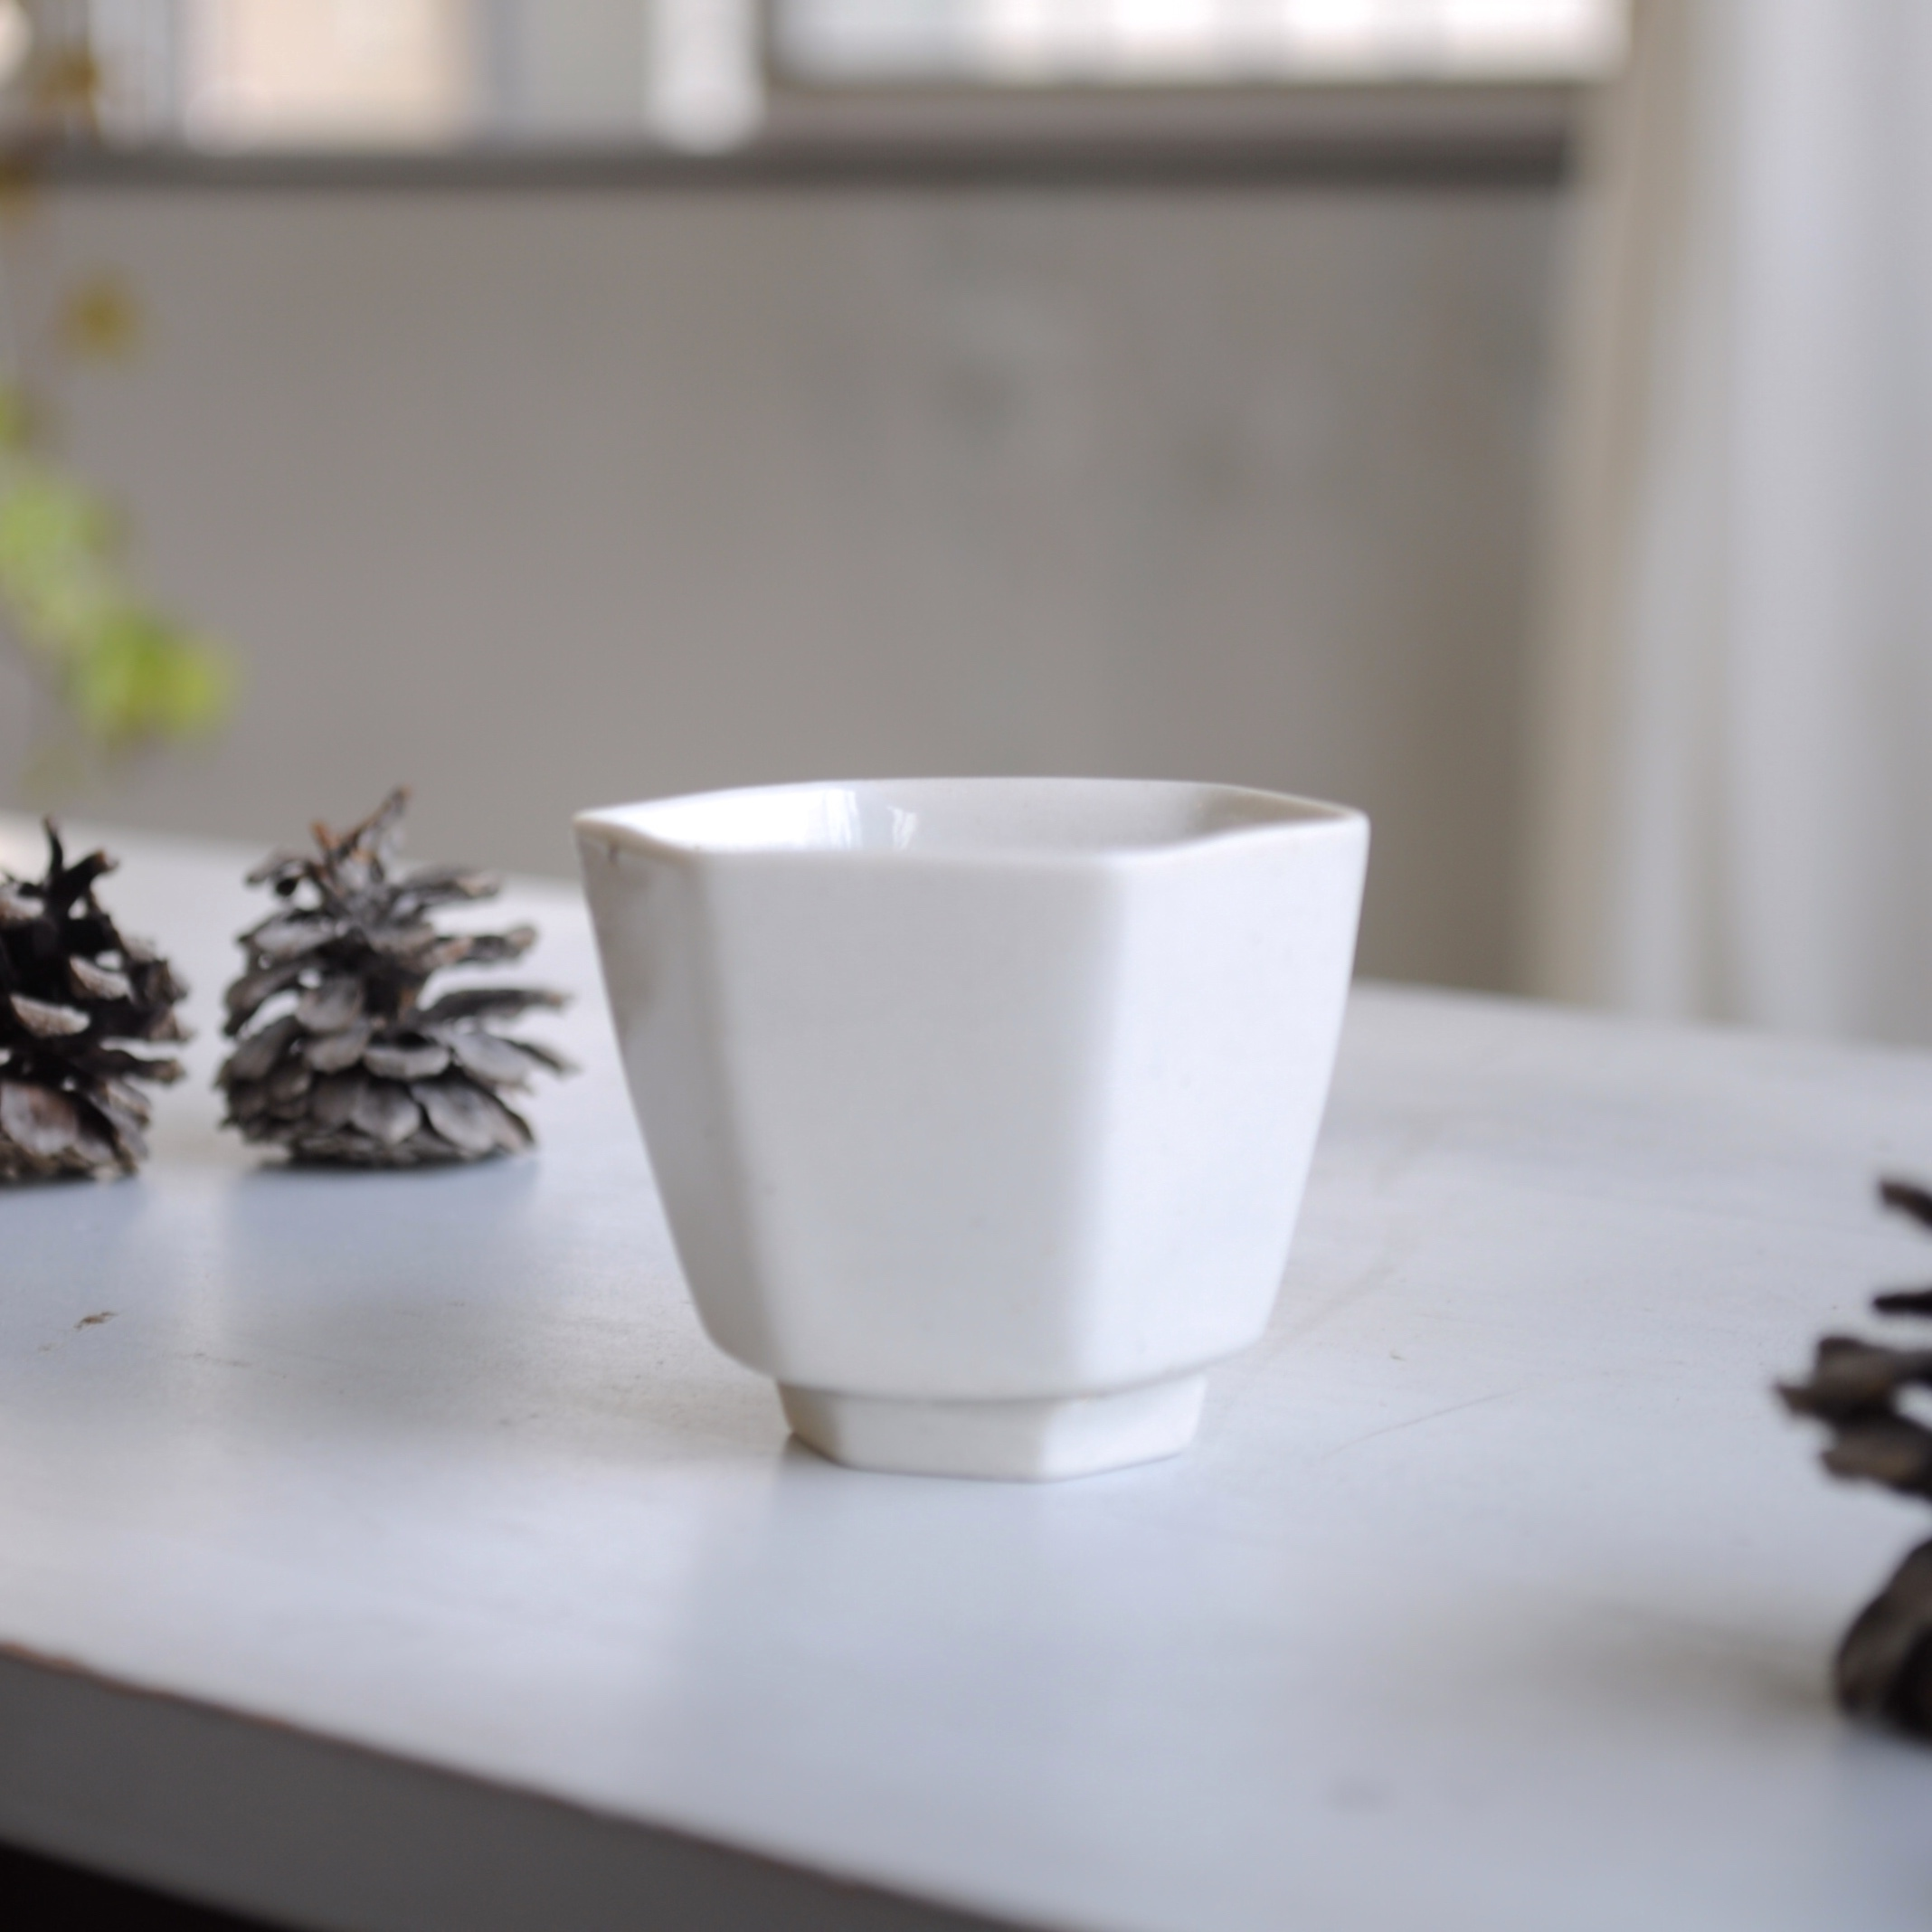 橋爪香代さん | 六角茶杯